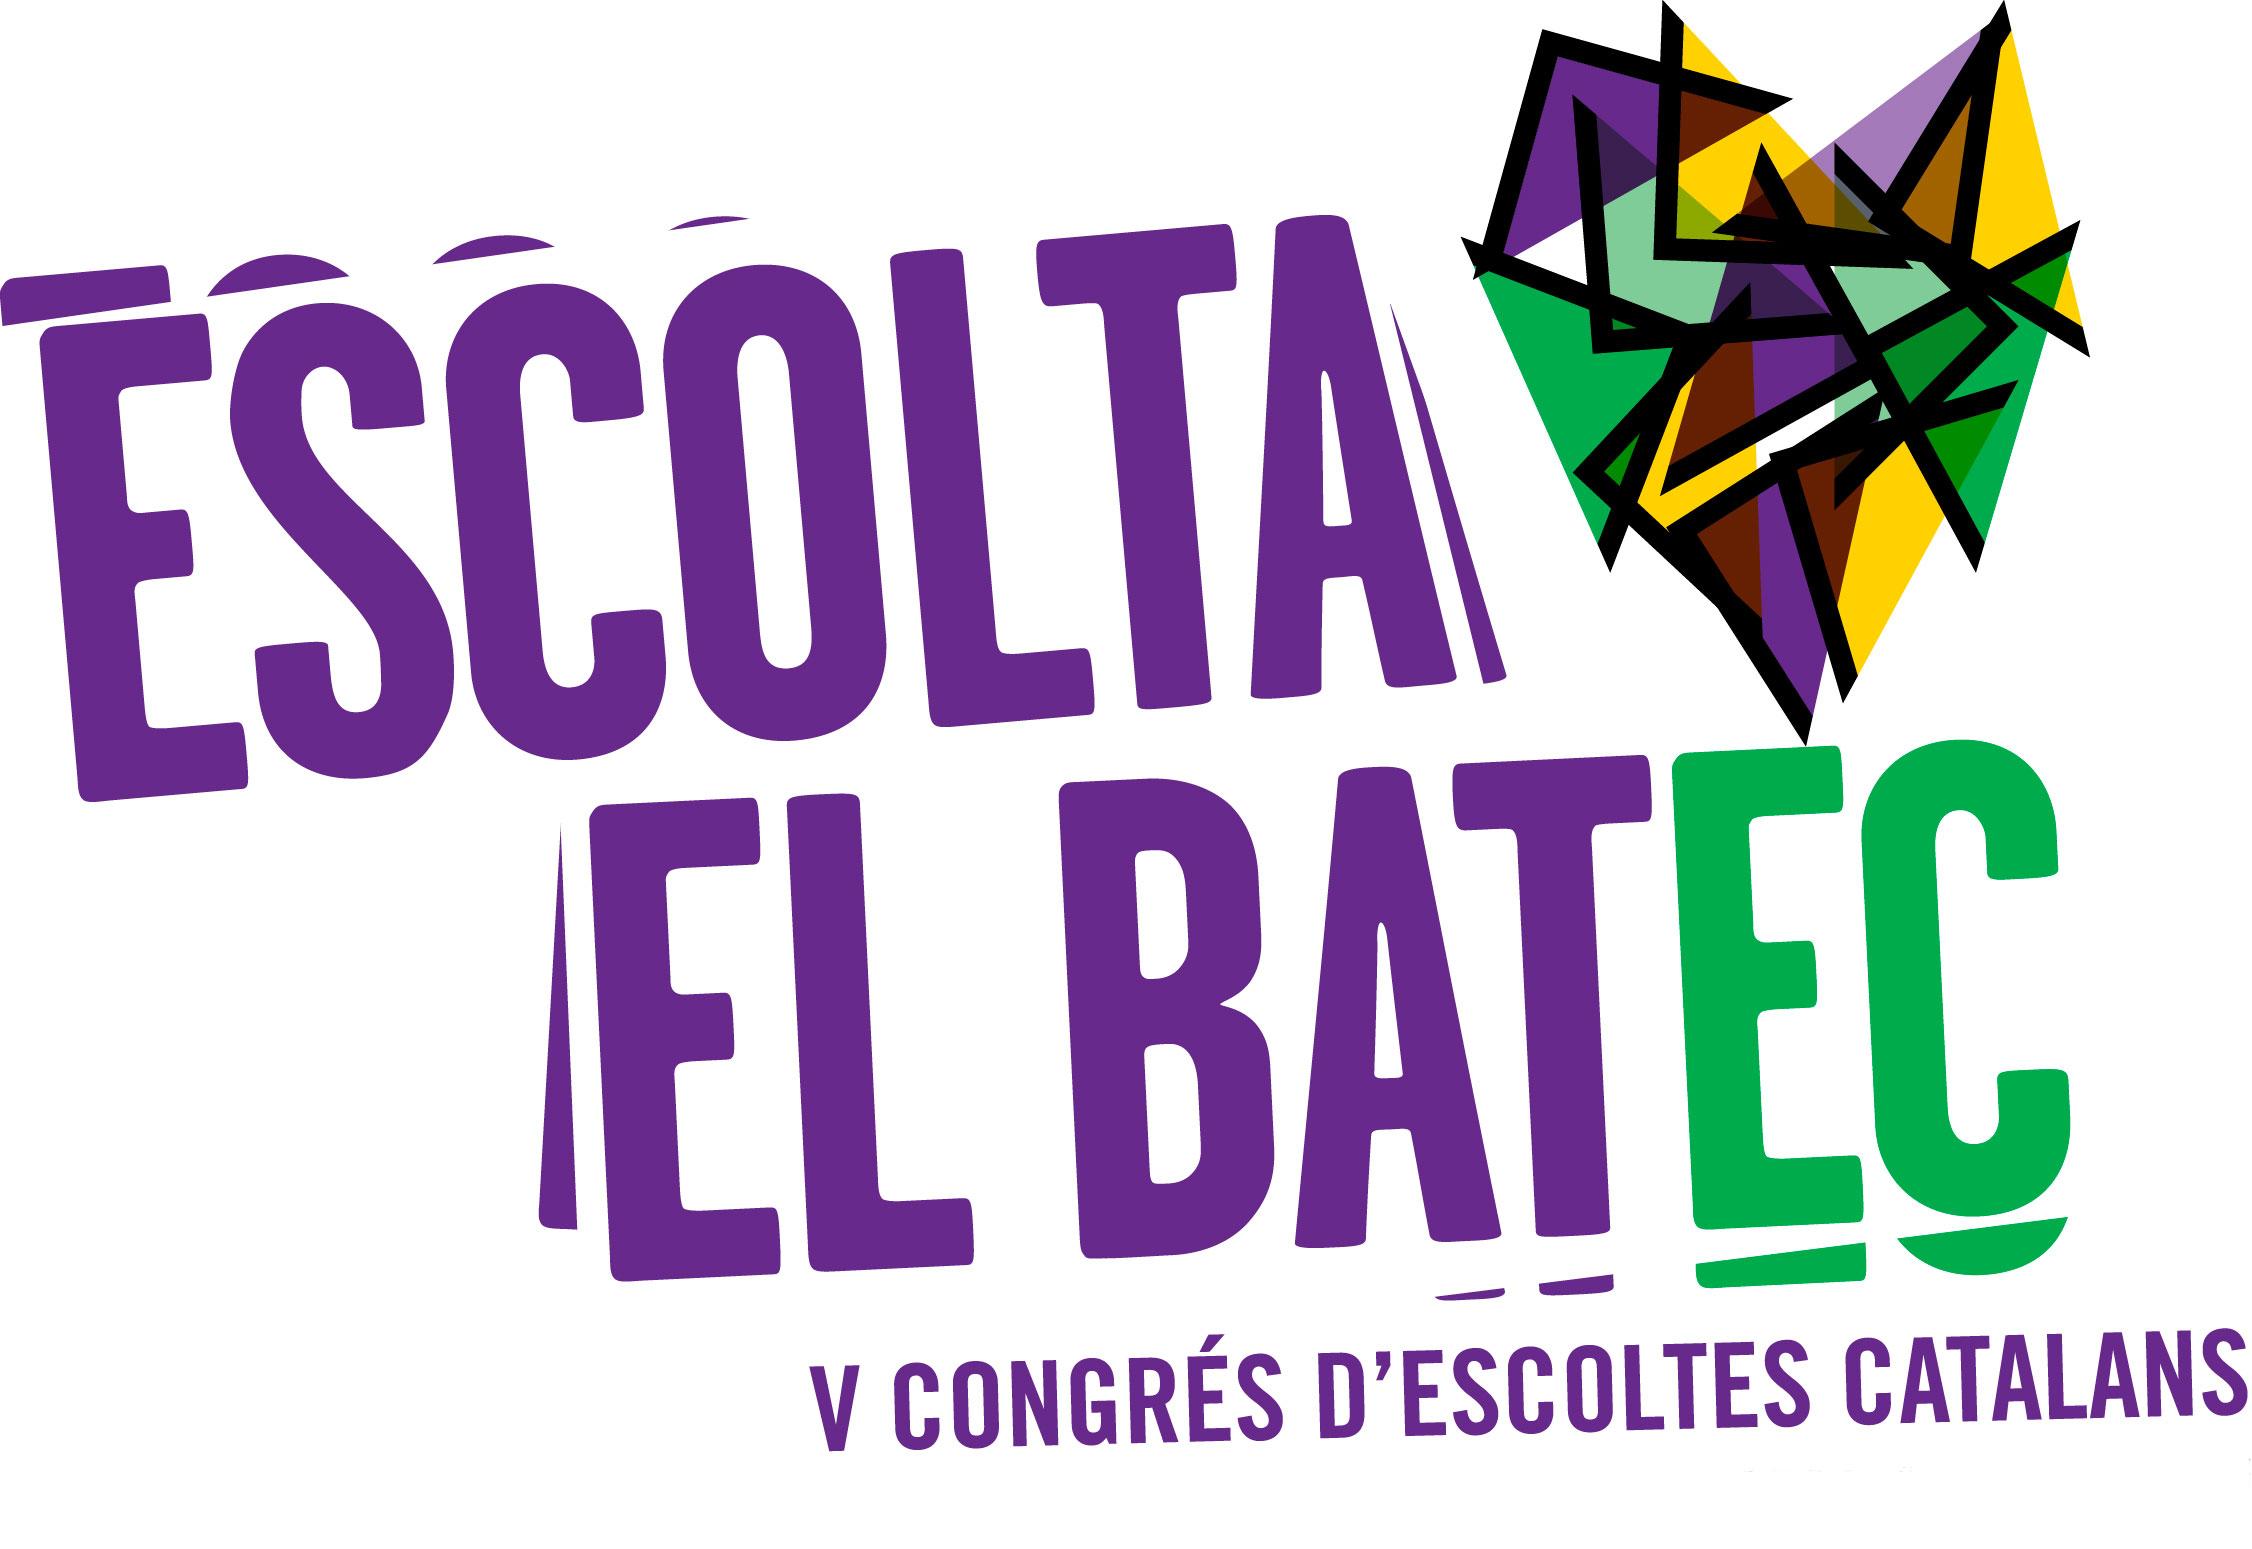 Logotip V Congrés Escolta el Batec